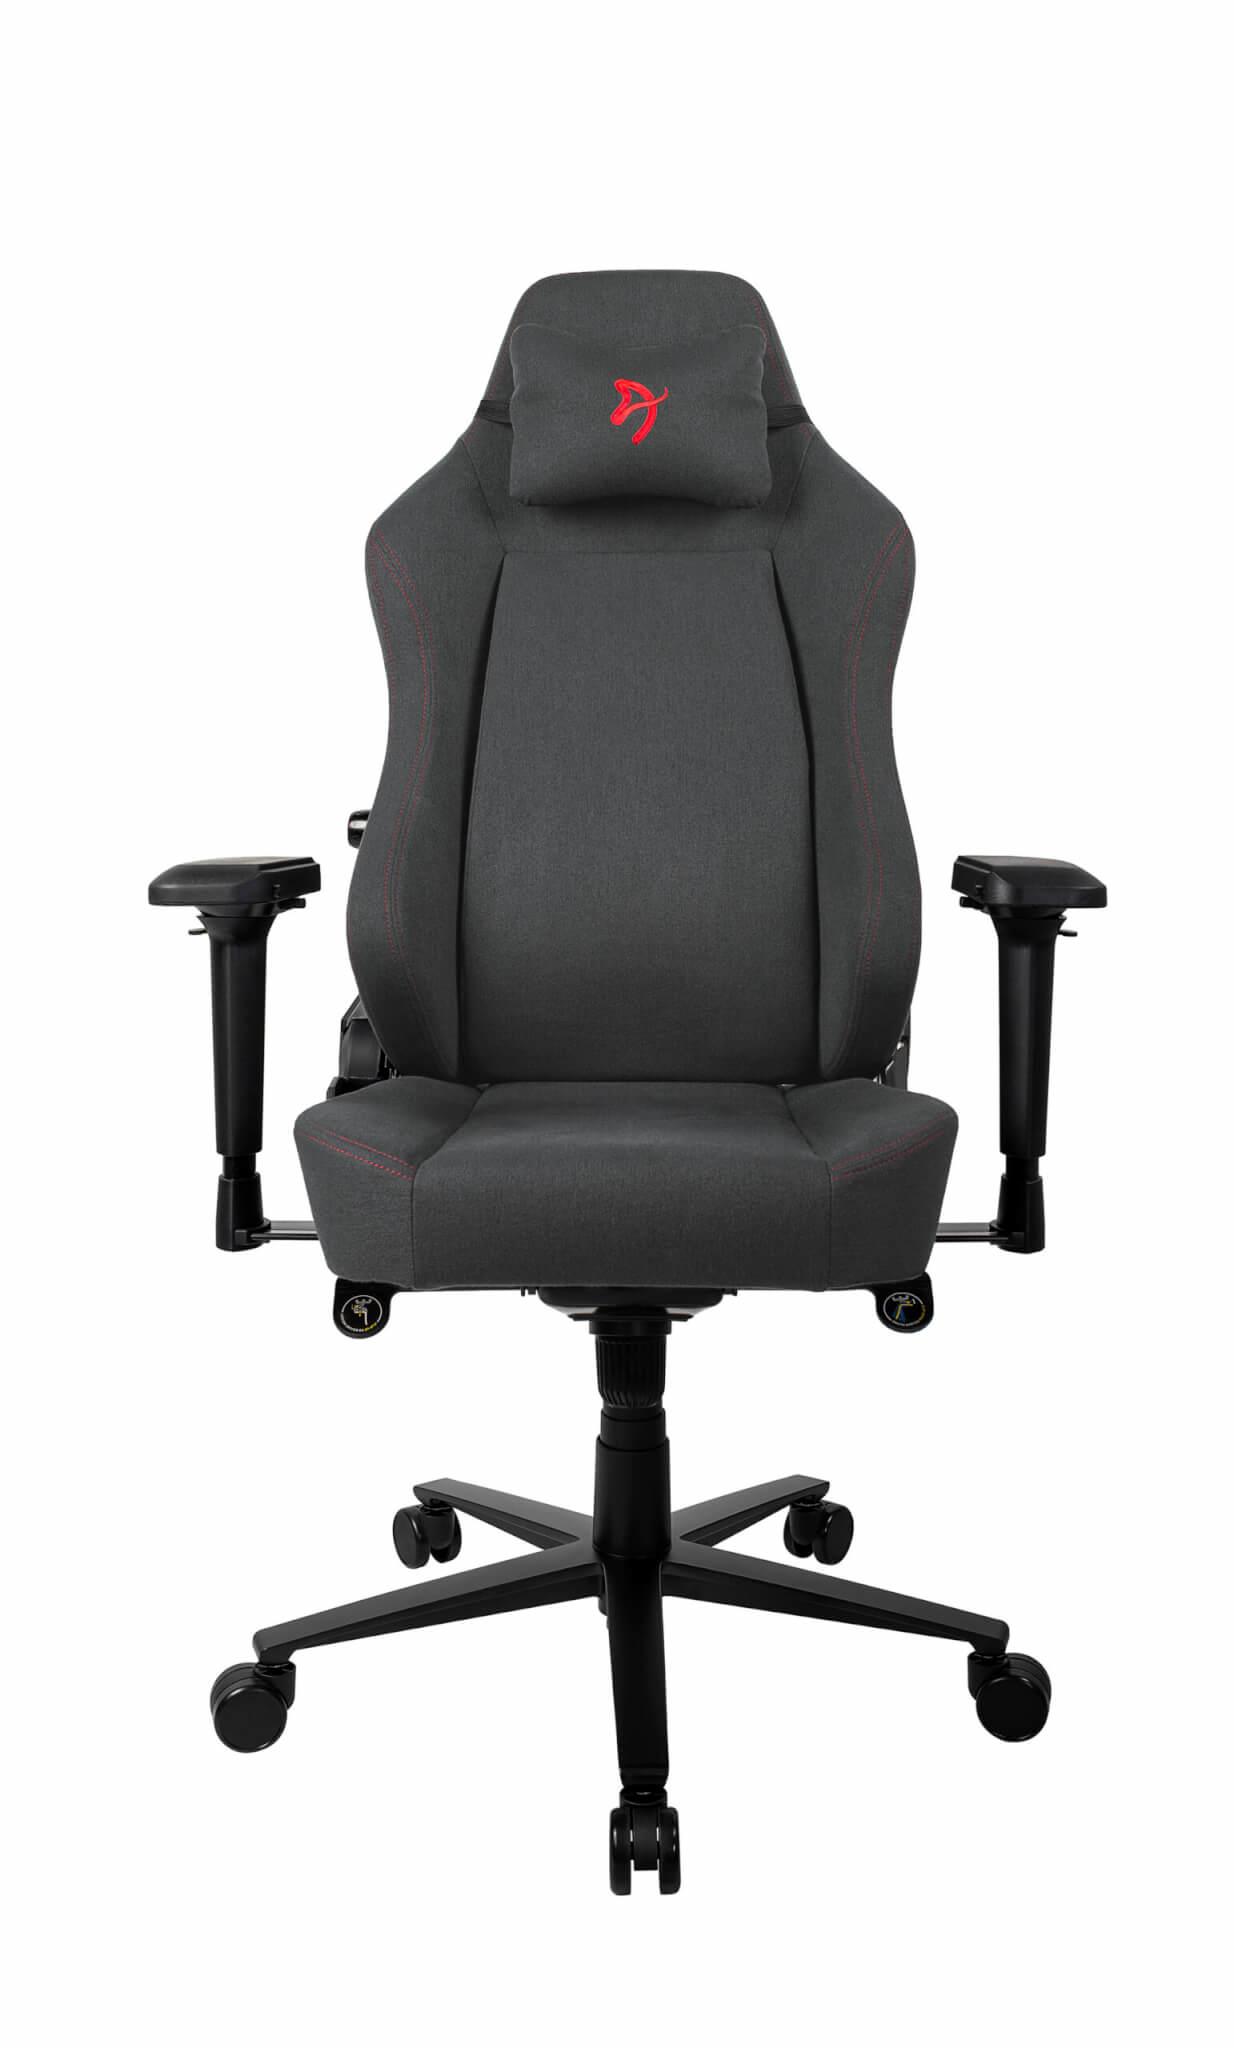 Arozzi Primo - Gepolsterter Sitz - Gepolsterte Rückenlehne - Schwarz - Rot - Schwarz - Rot - Stoff - Stoff